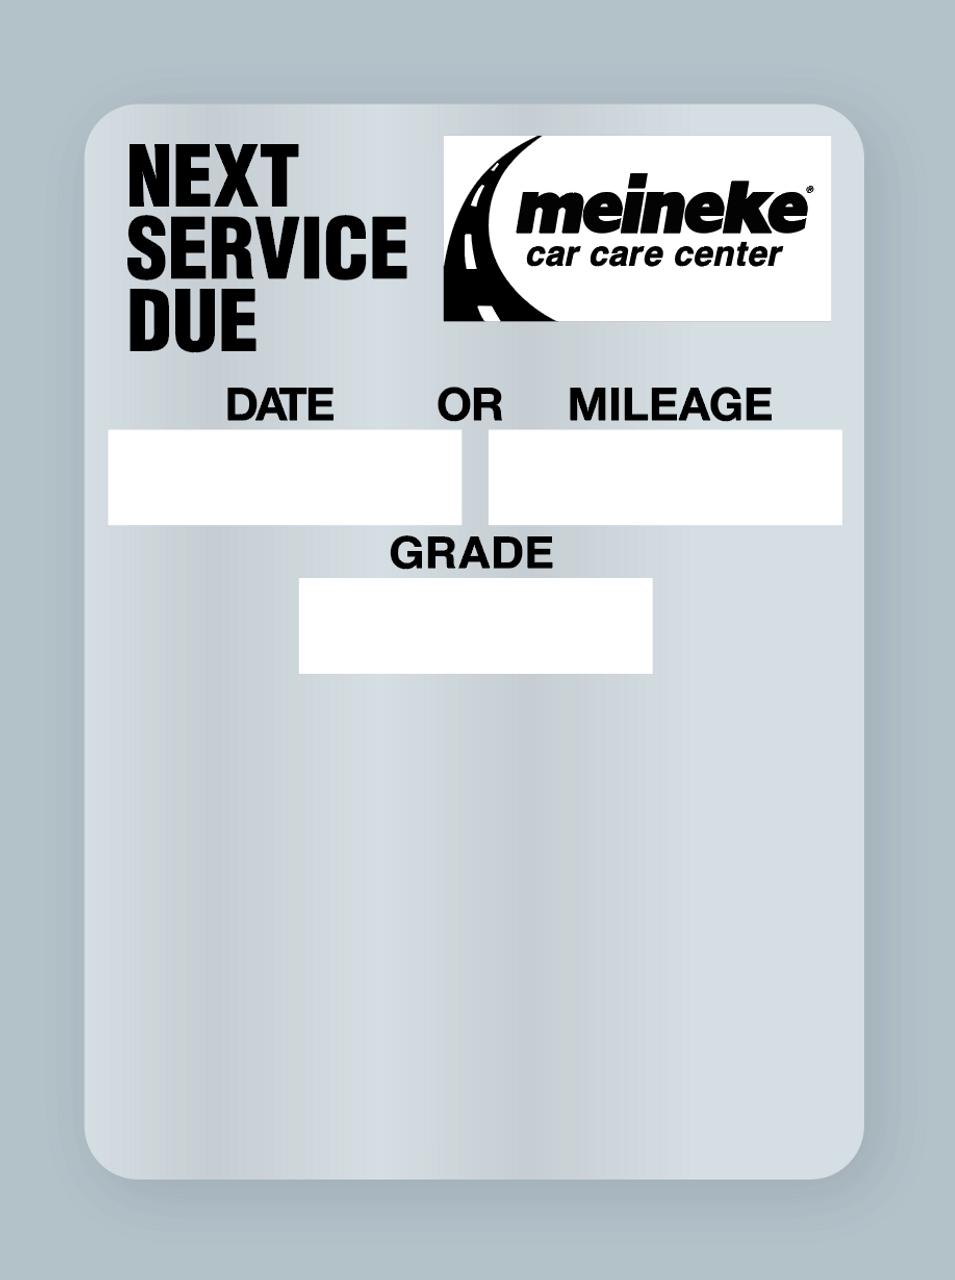 Meineke reminder sticker - next service due